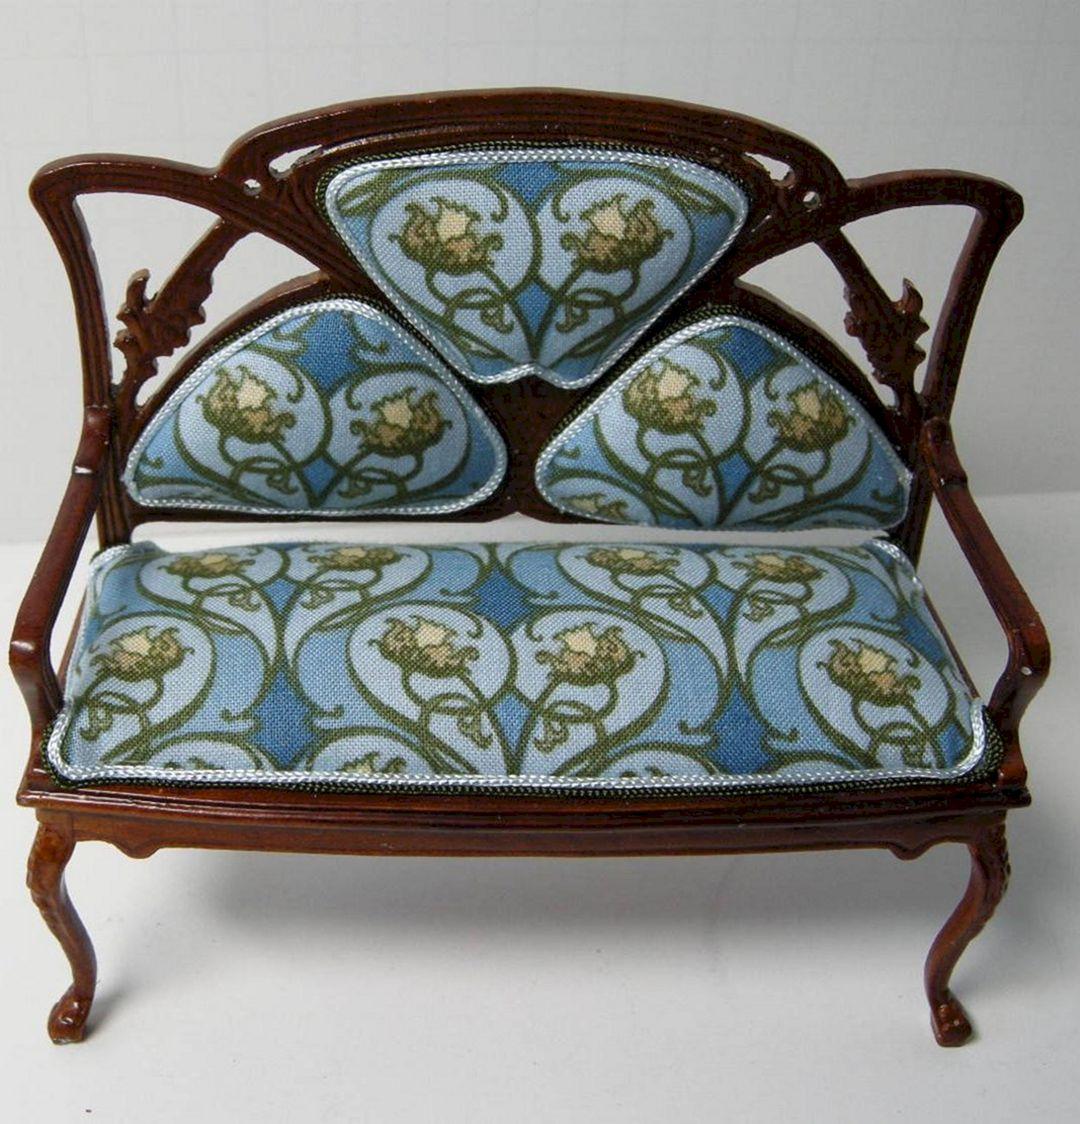 Art nouveau furniture ideas art nouveau furniture ideas for Art nouveau decorating ideas